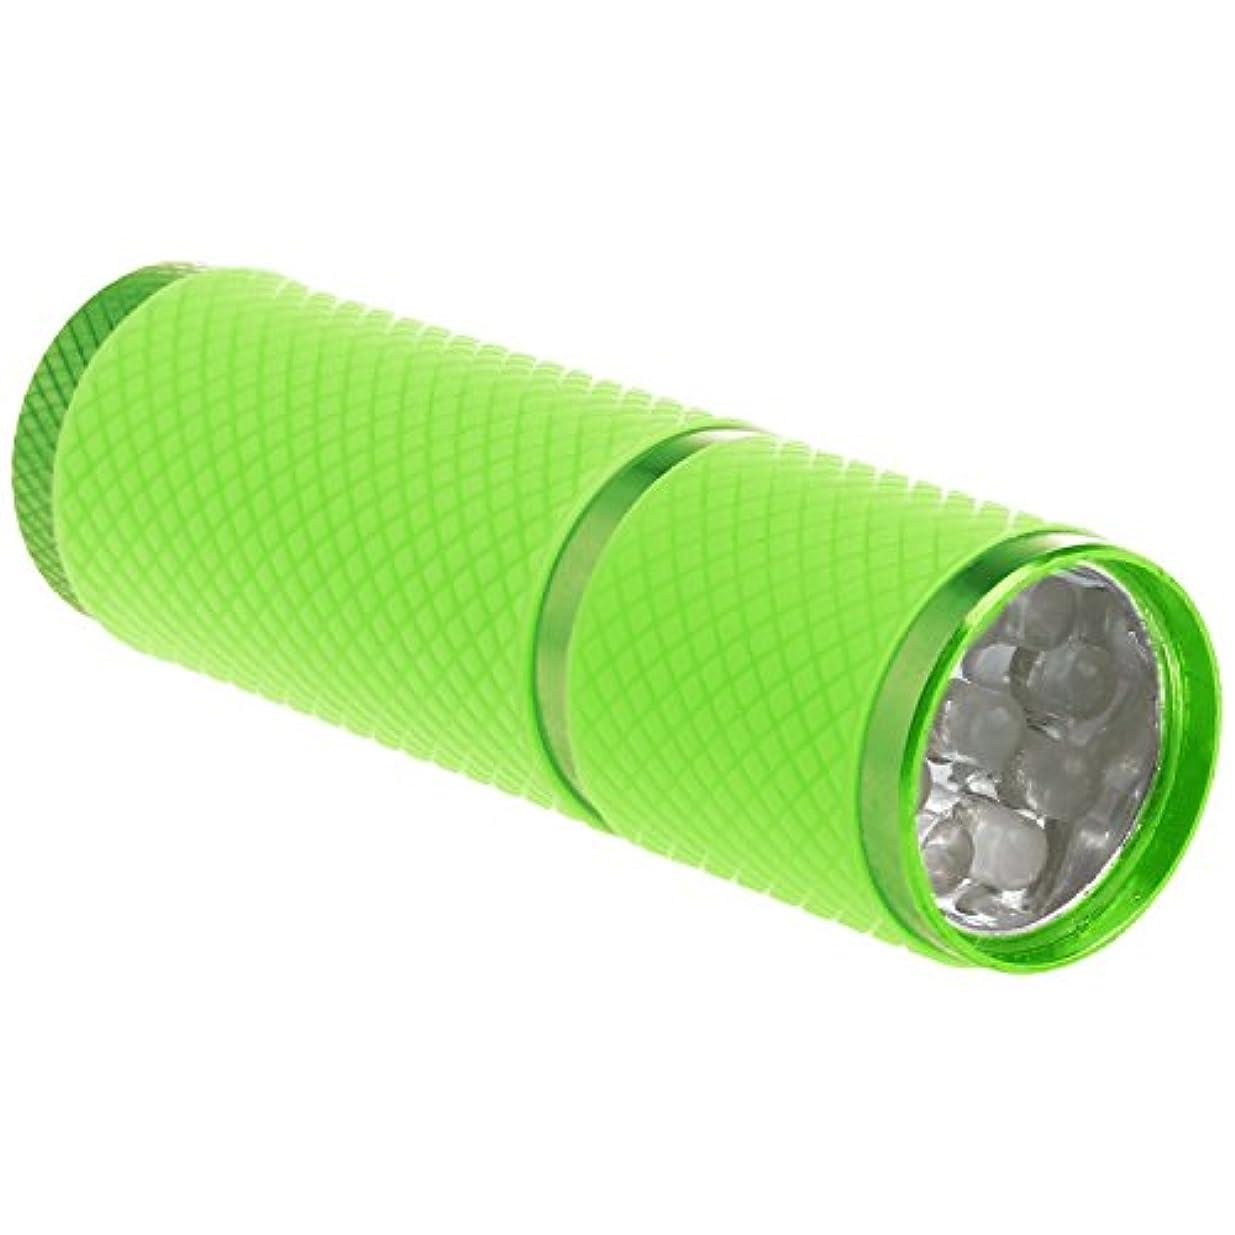 方言反応する場合SODIAL 1個 ミニ9 LED Uv ゲル硬化ランプ バッテリーなし 携帯性ネイルドライヤー LEDフラッシュライト通貨検出器 アルミニウム合金 グリーンカラー